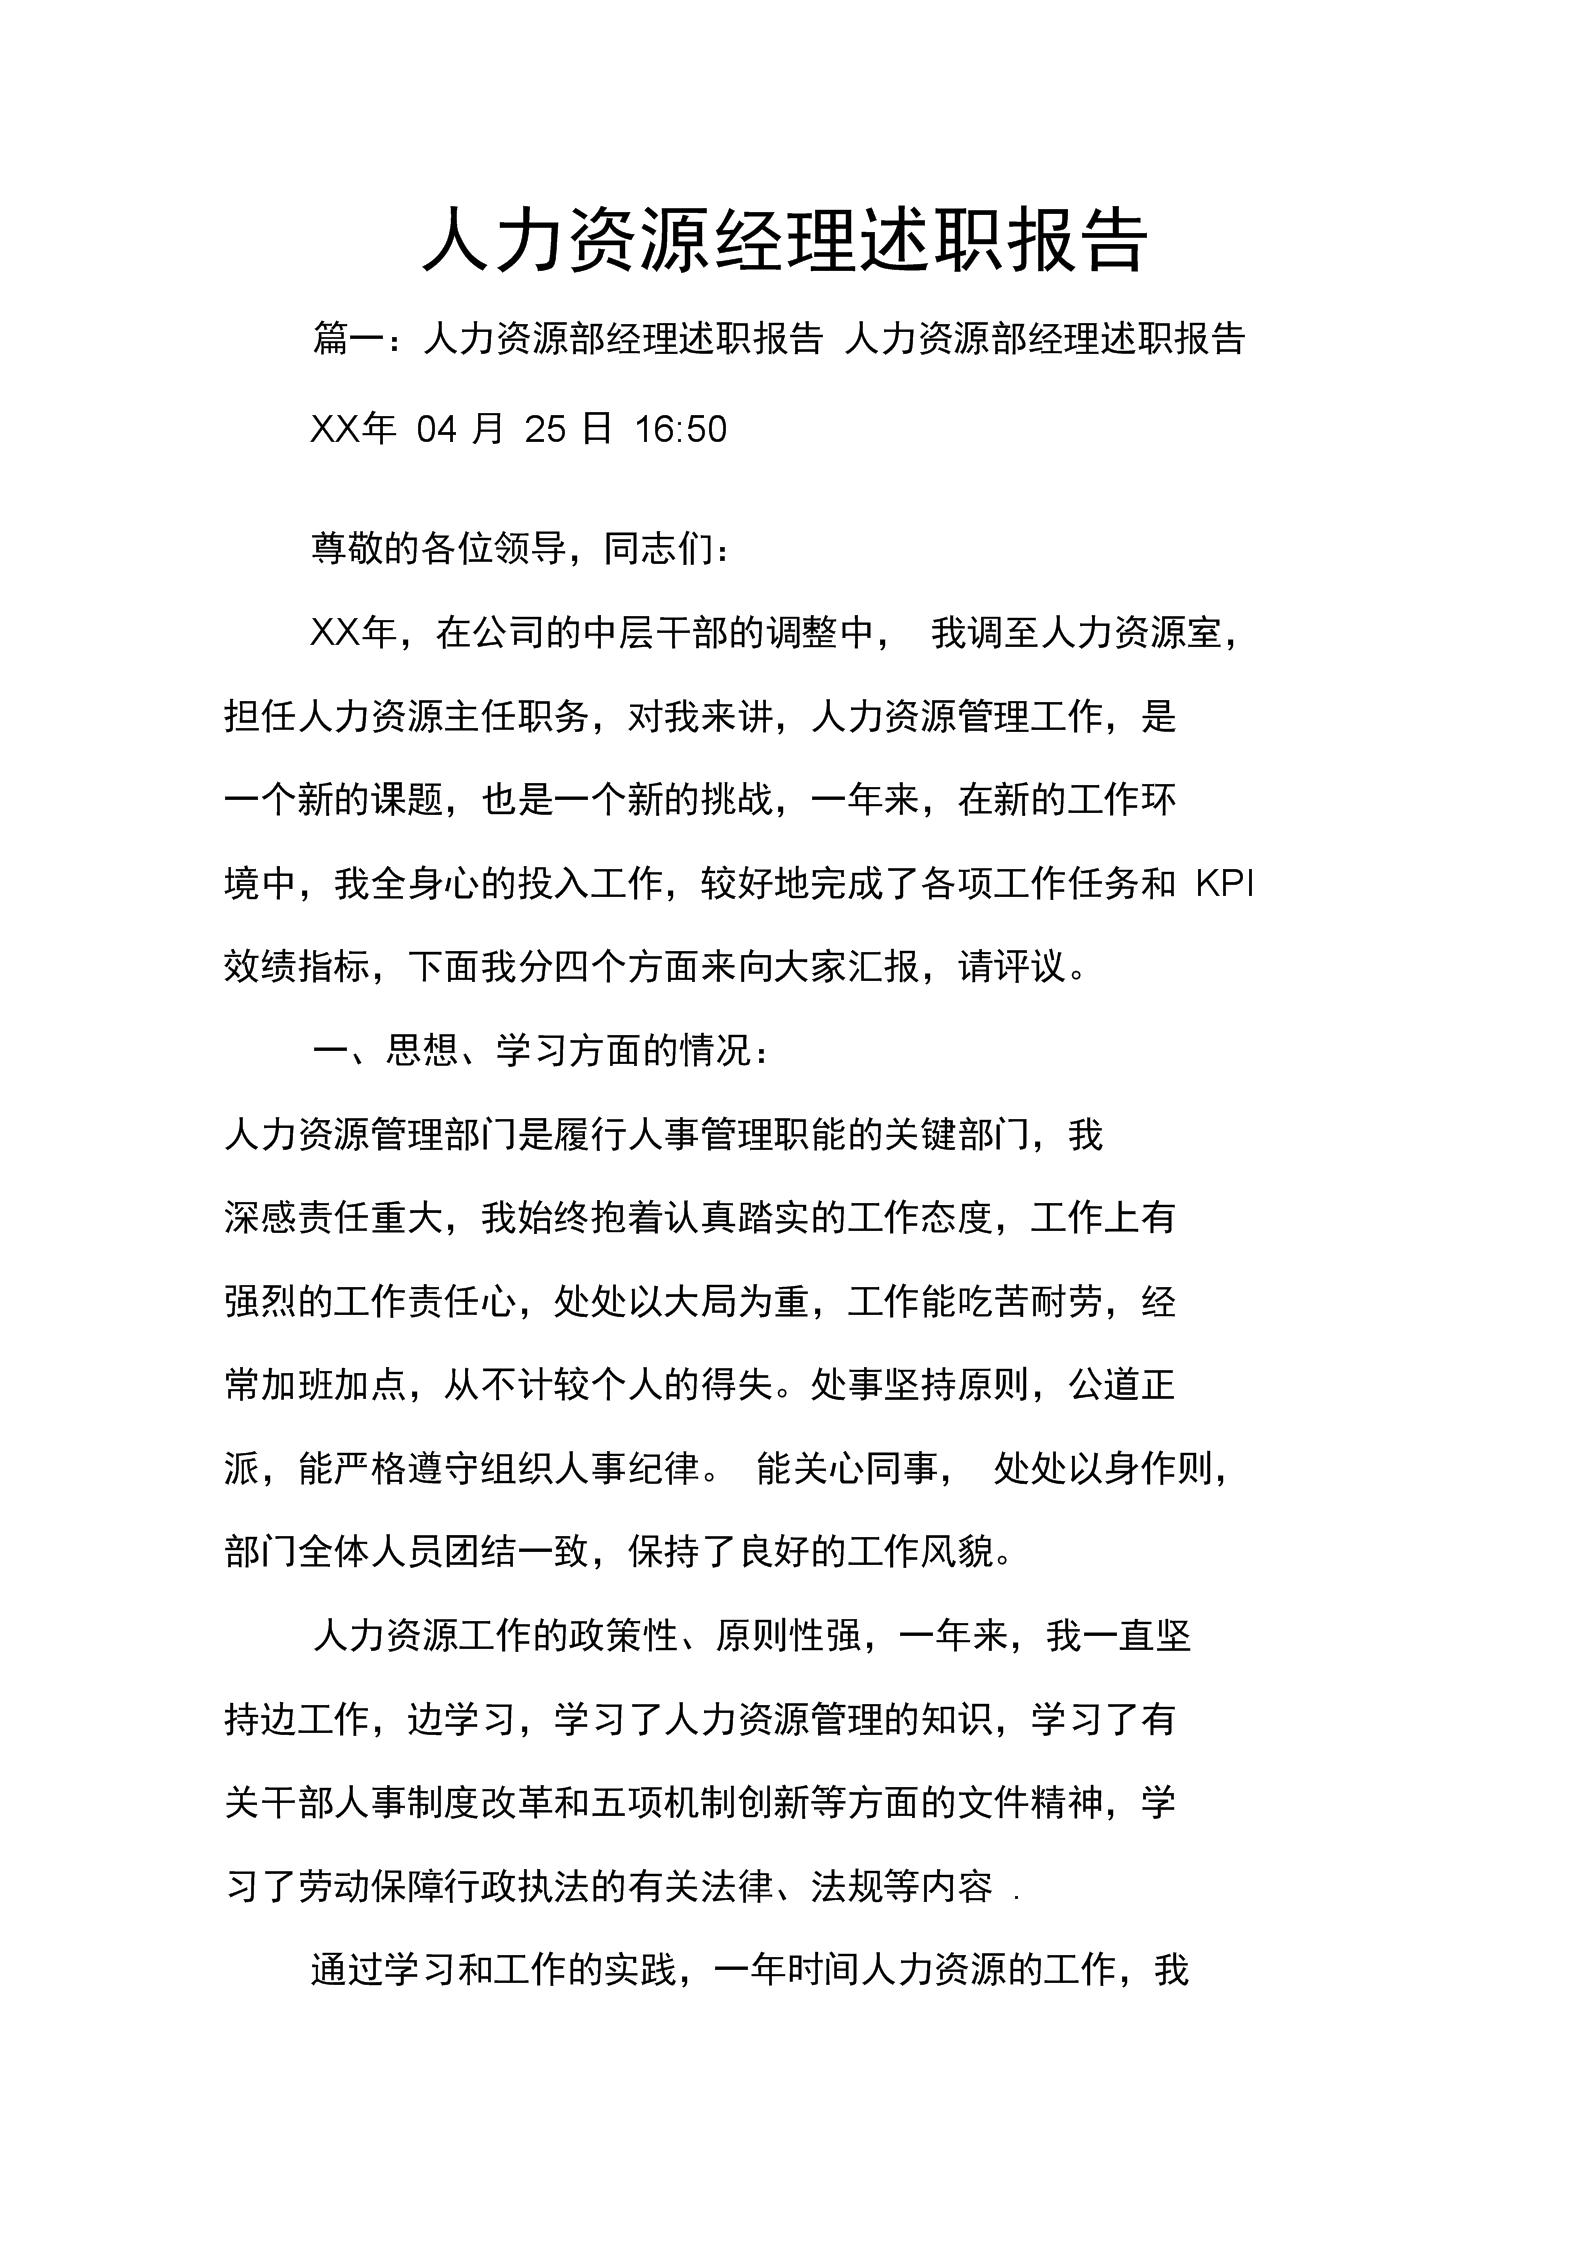 人力资源经理述职报告_1.docx